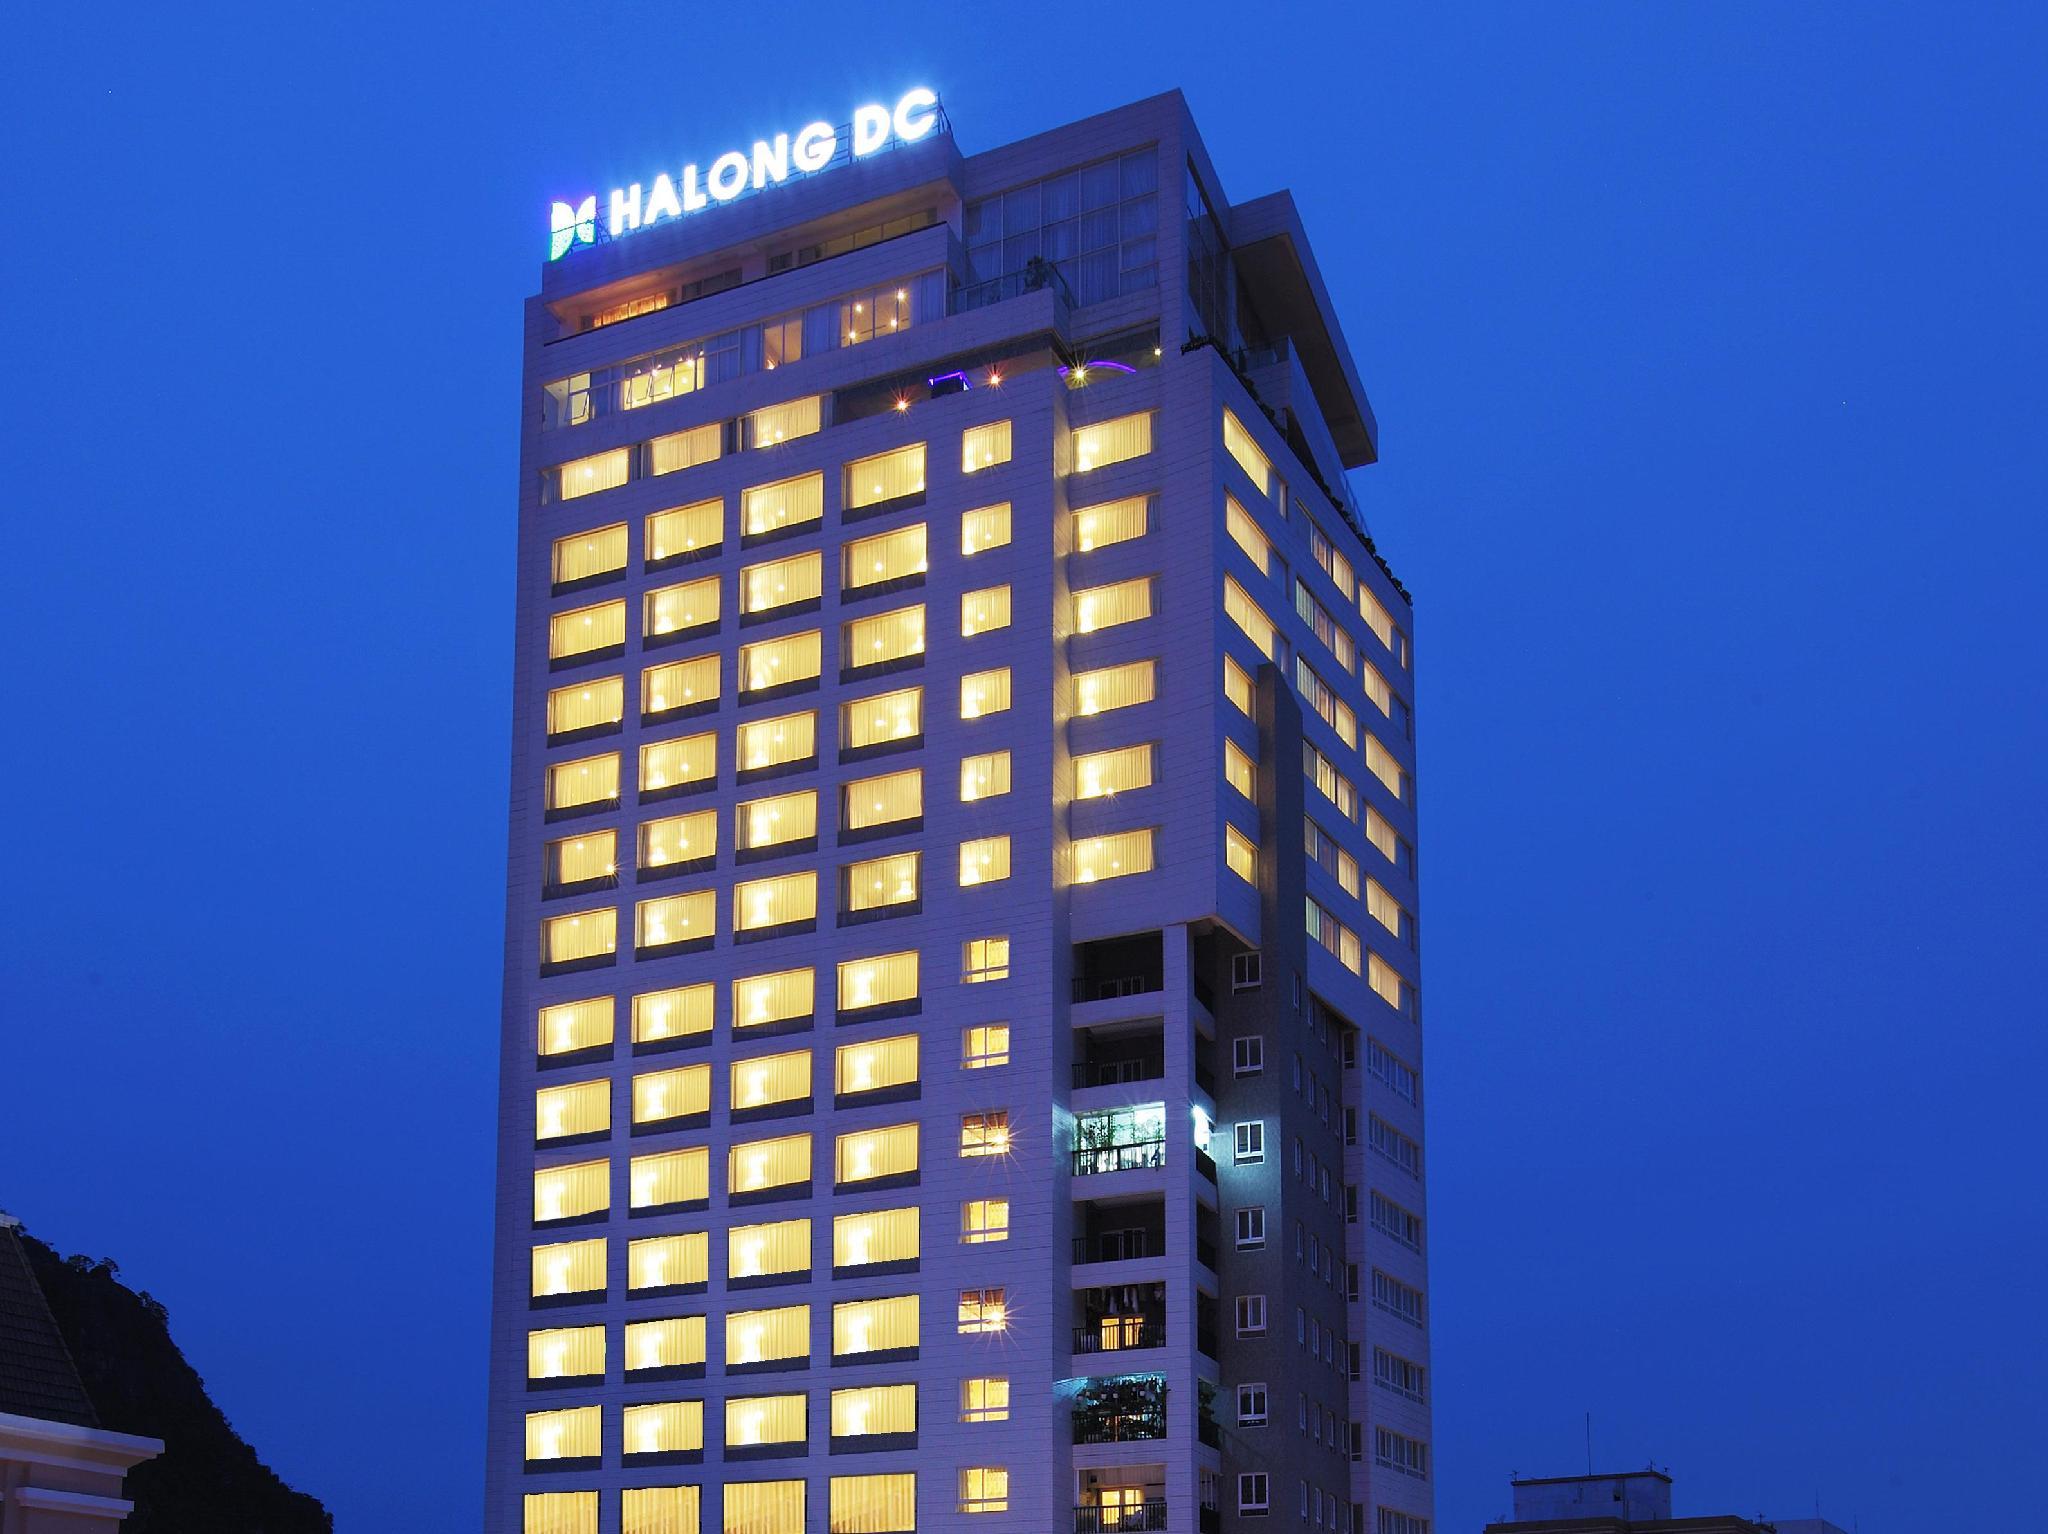 Ha Long DC Hotel - Hotell och Boende i Vietnam , Halong